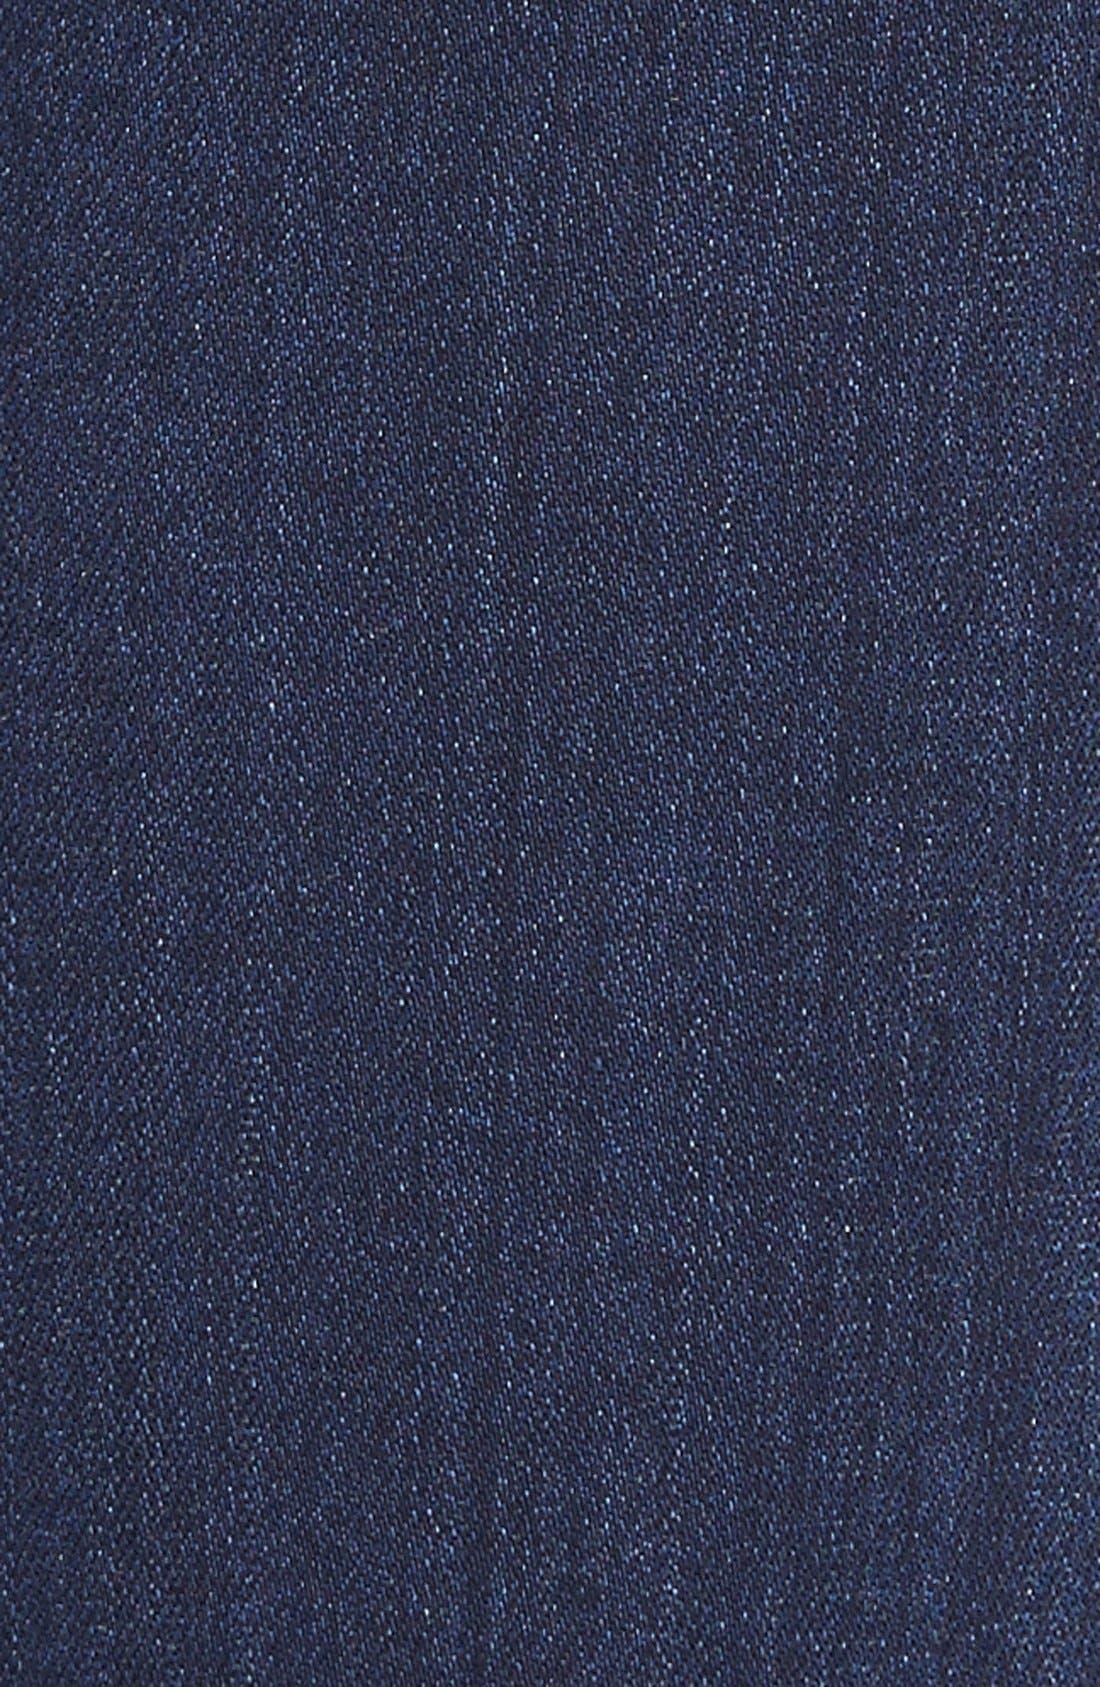 Denim 'Skyline' Skinny Jeans,                             Alternate thumbnail 3, color,                             Nottingham